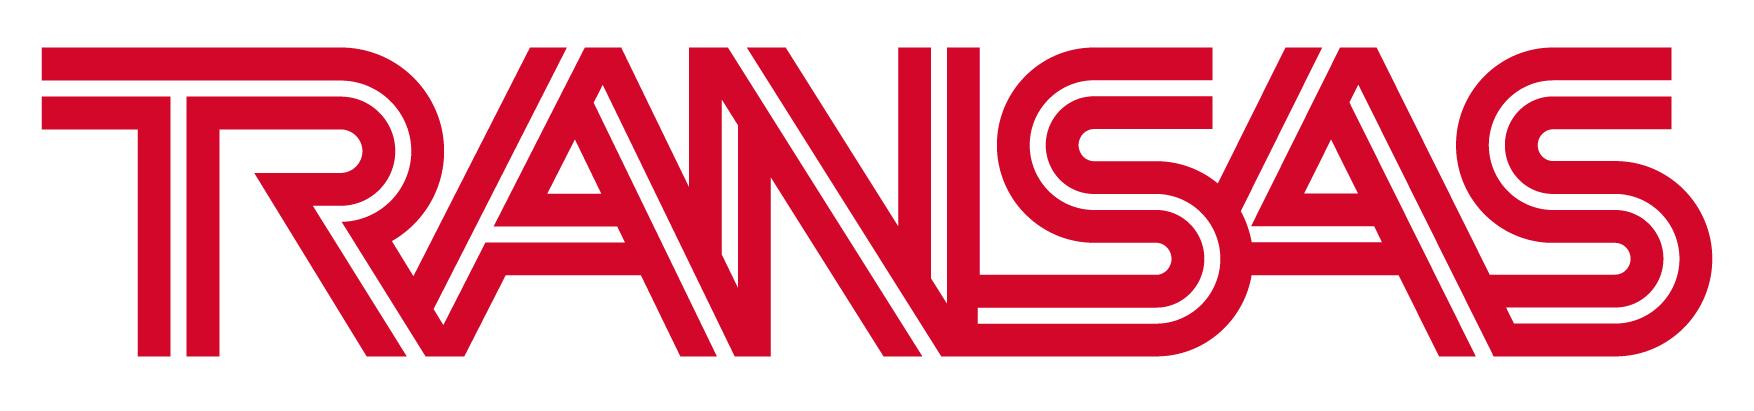 TRANSAS Company Logo